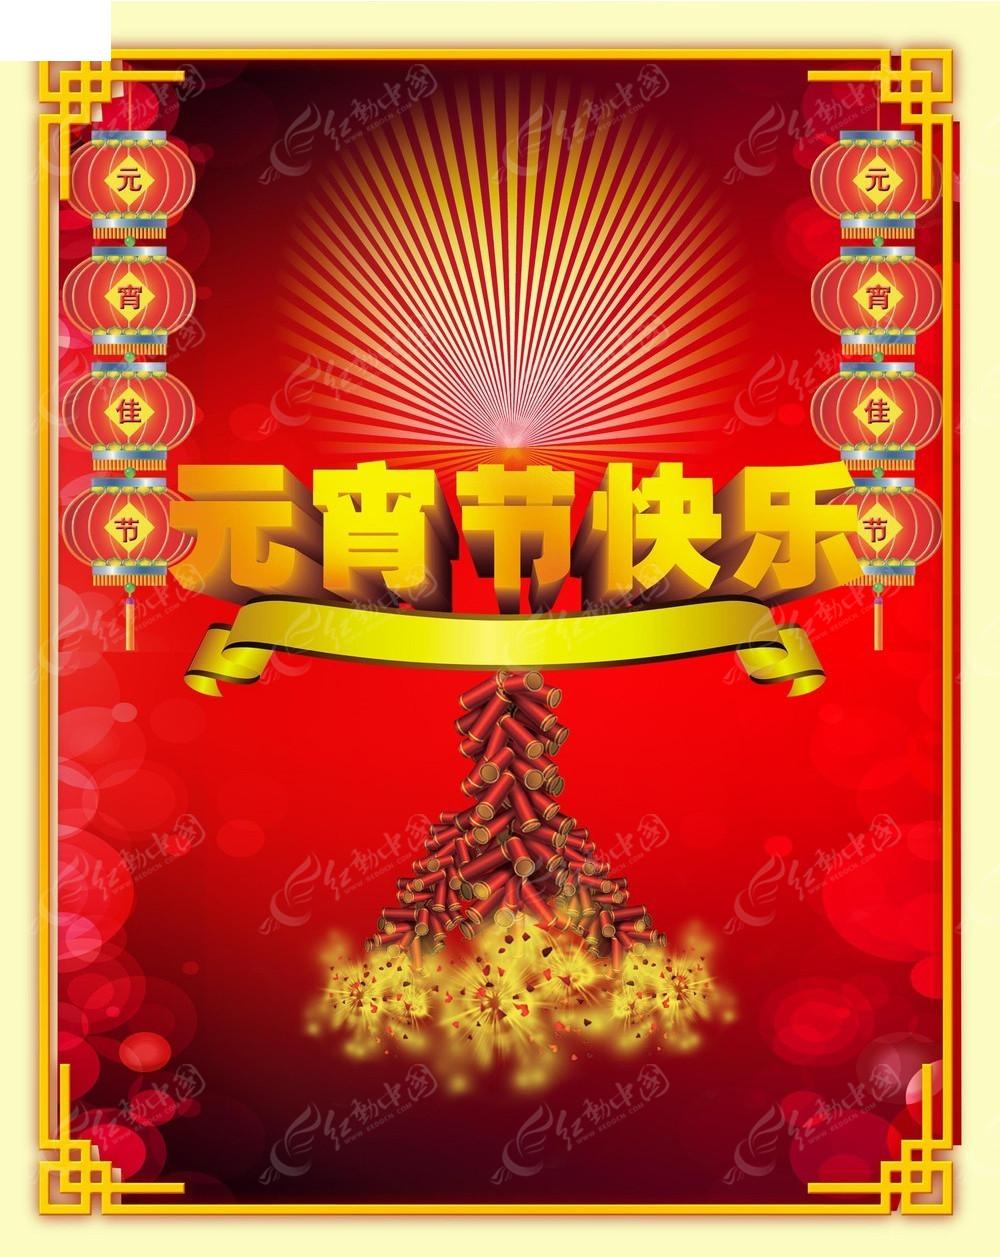 元宵节快乐商业海报图片